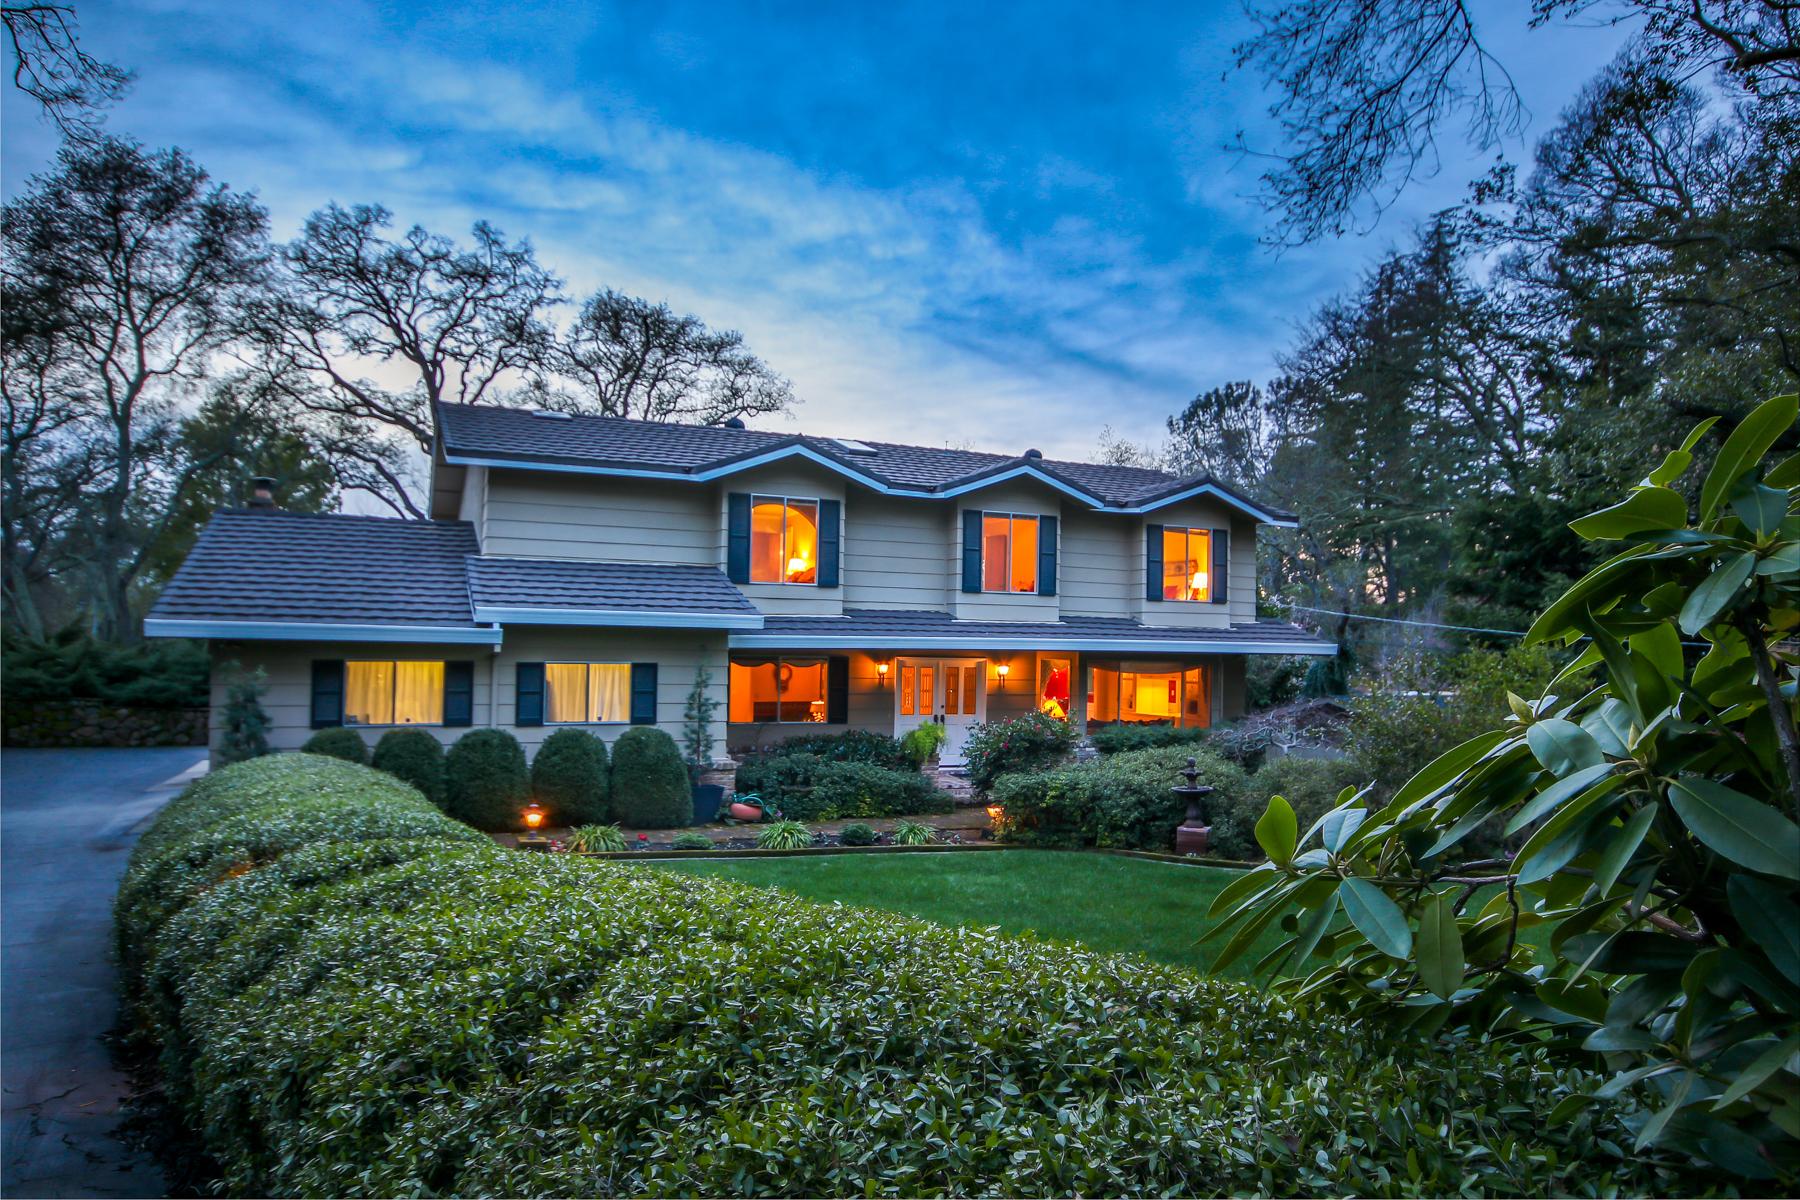 独户住宅 为 销售 在 8182 N Lake Cir, Granite Bay, CA 95746 8182 N Lake Cir Granite Bay, 加利福尼亚州 95746 美国